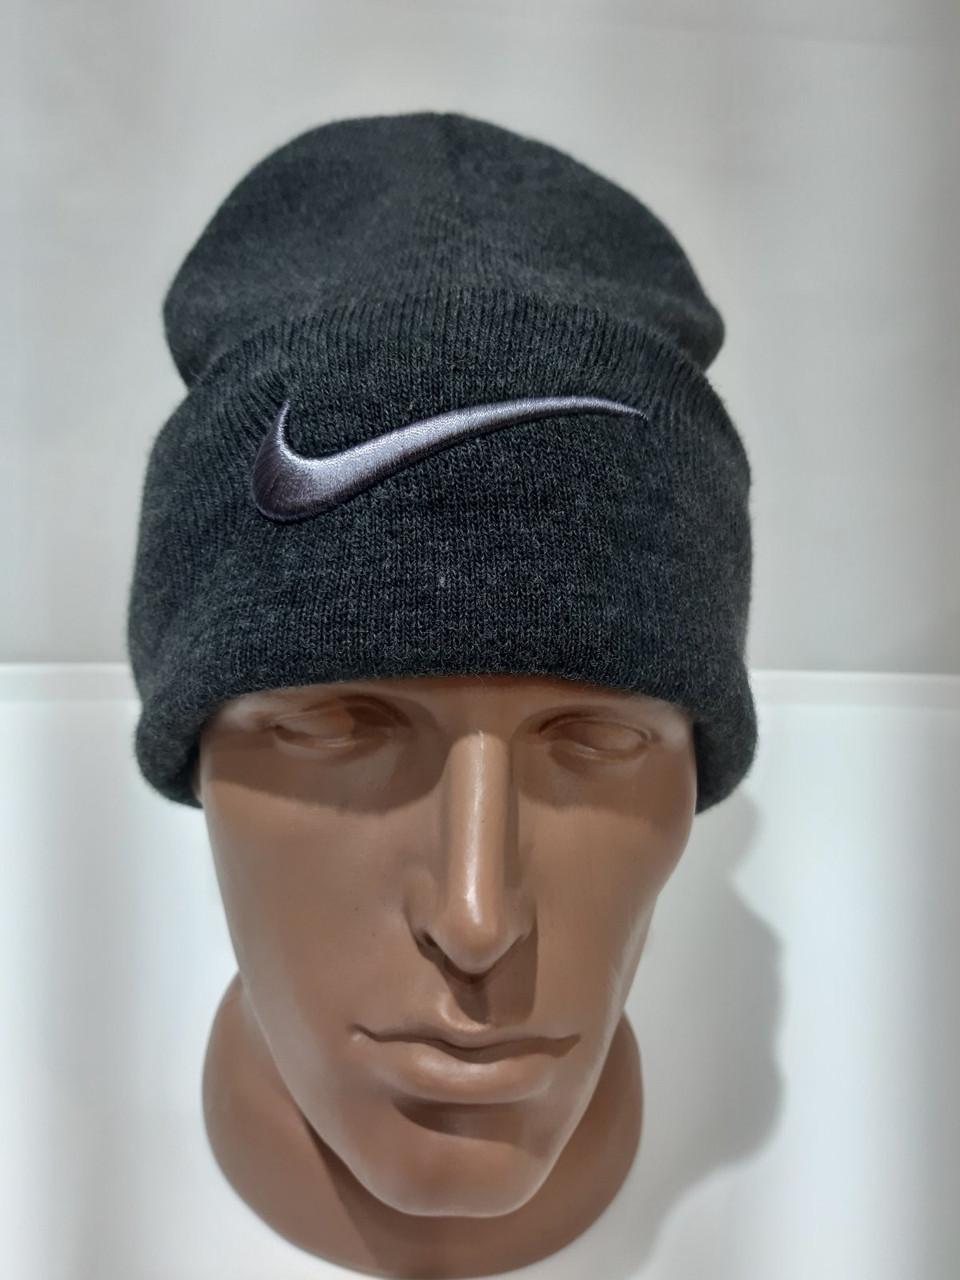 Зимова тепла чоловіча вовняна шапка Туреччина Темно-сіра